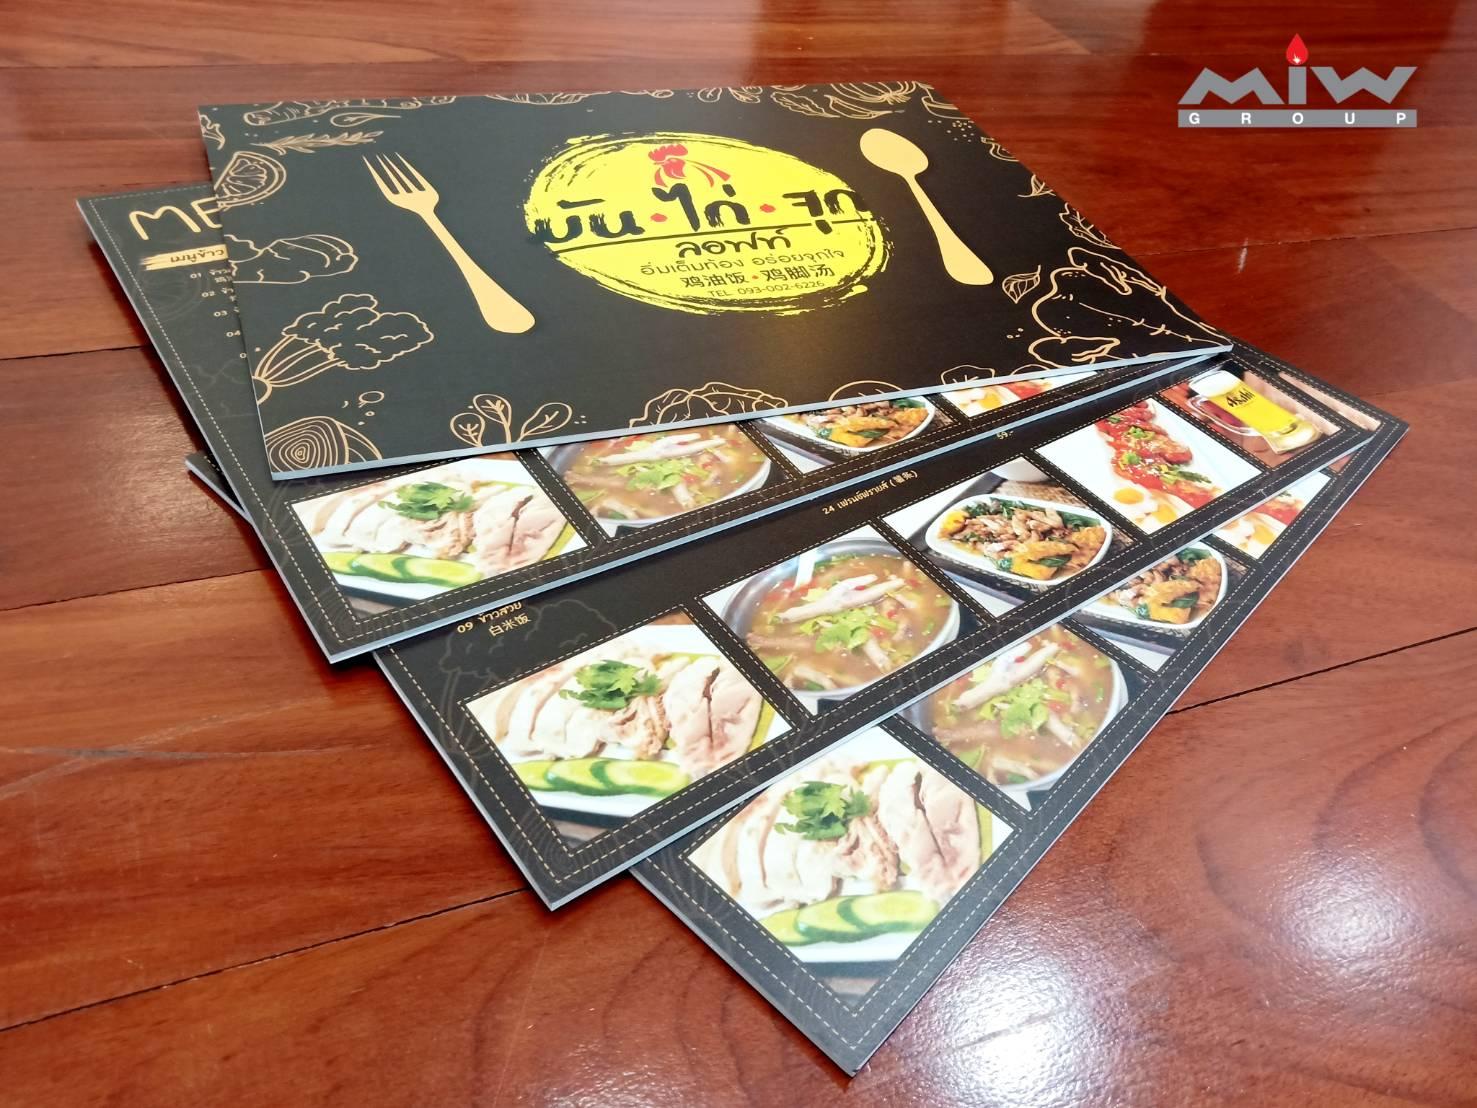 19.09 1 - งานเมนูอาหารร้าน มัน-ไก่-จุก ลอฟท์